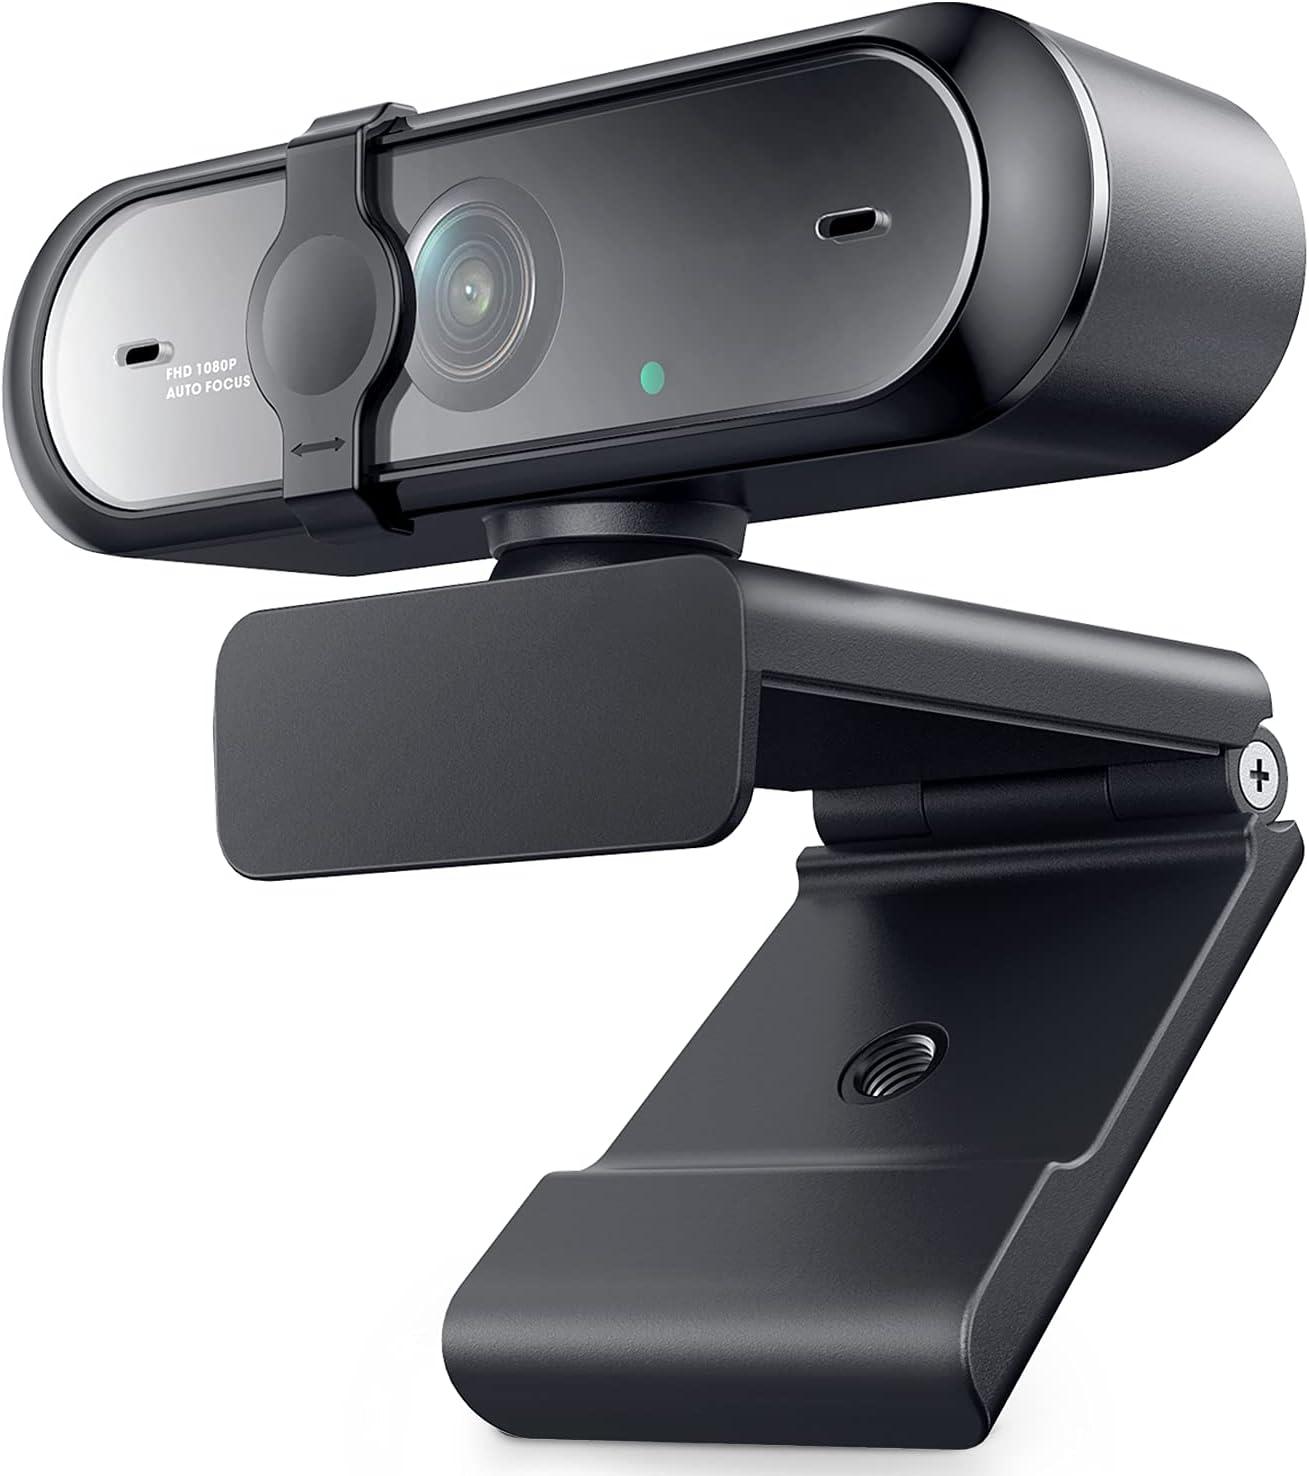 Webcam 1080P HD con micrófono, cámara Web con Enfoque automático y Cubierta de privacidad Plug and Play para Mac Windows PC Videollamada, transmisión de Juegos, Conferencia